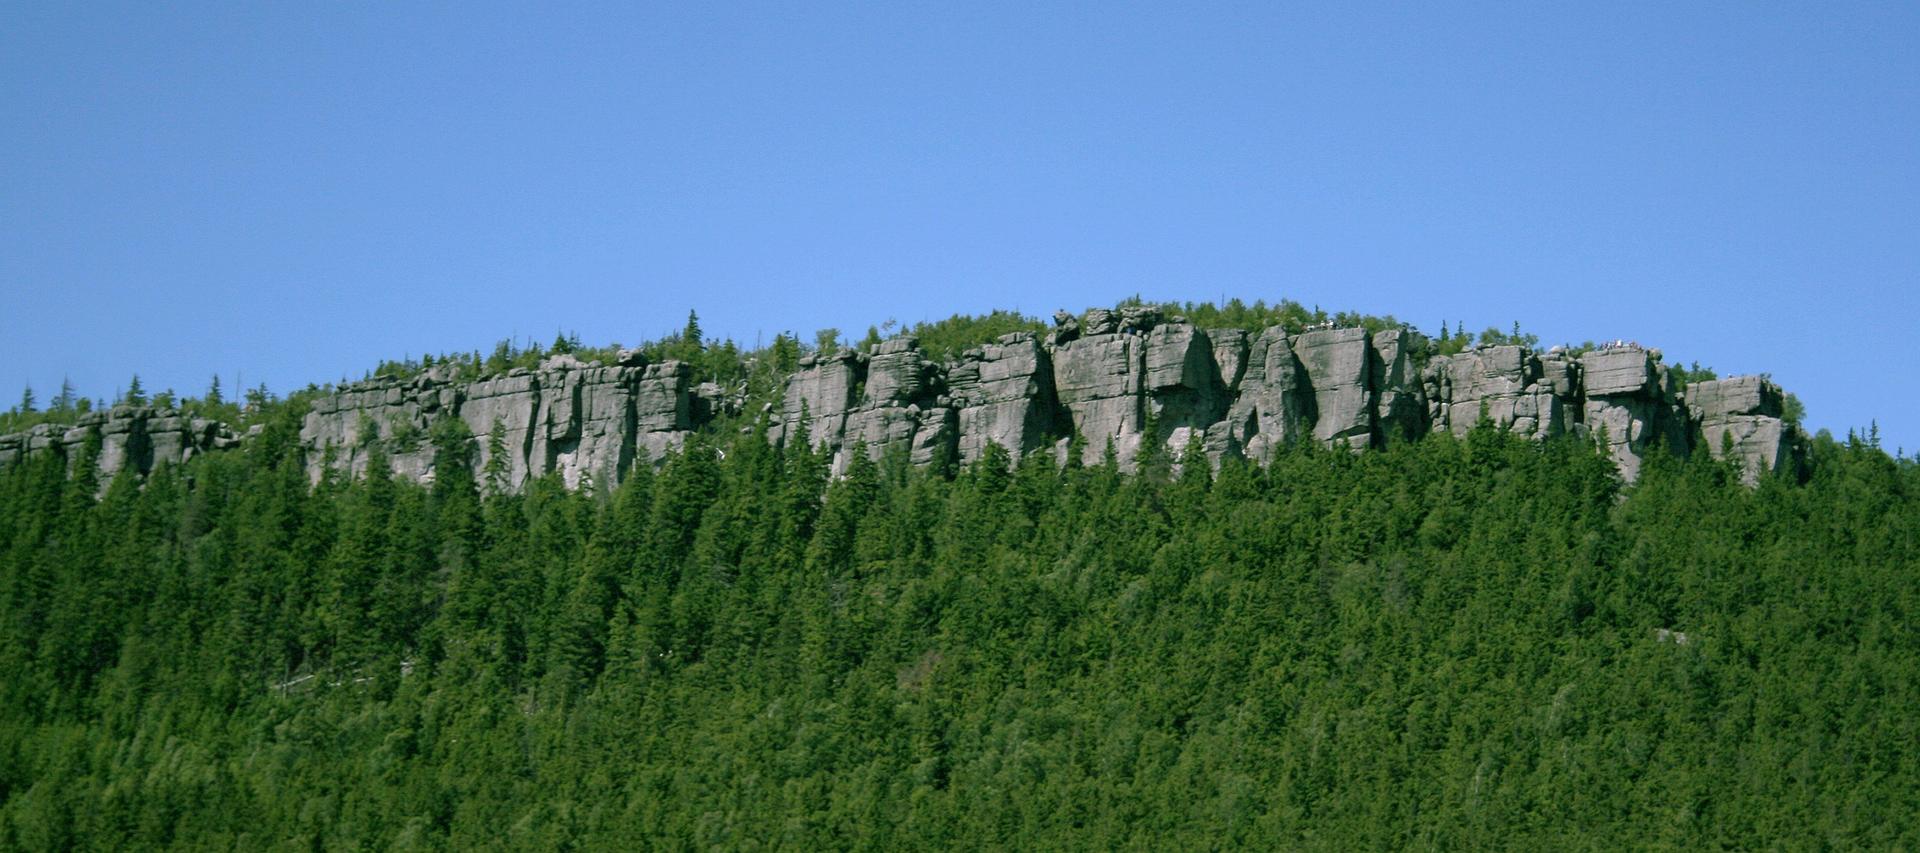 Fotografia przedstawia spłaszczone, popękane skały, porośnięte gęstym borem świerkowym. To Szczeliniec Wielki, najwyższy szczyt wParku Narodowym Gór Stołowych.